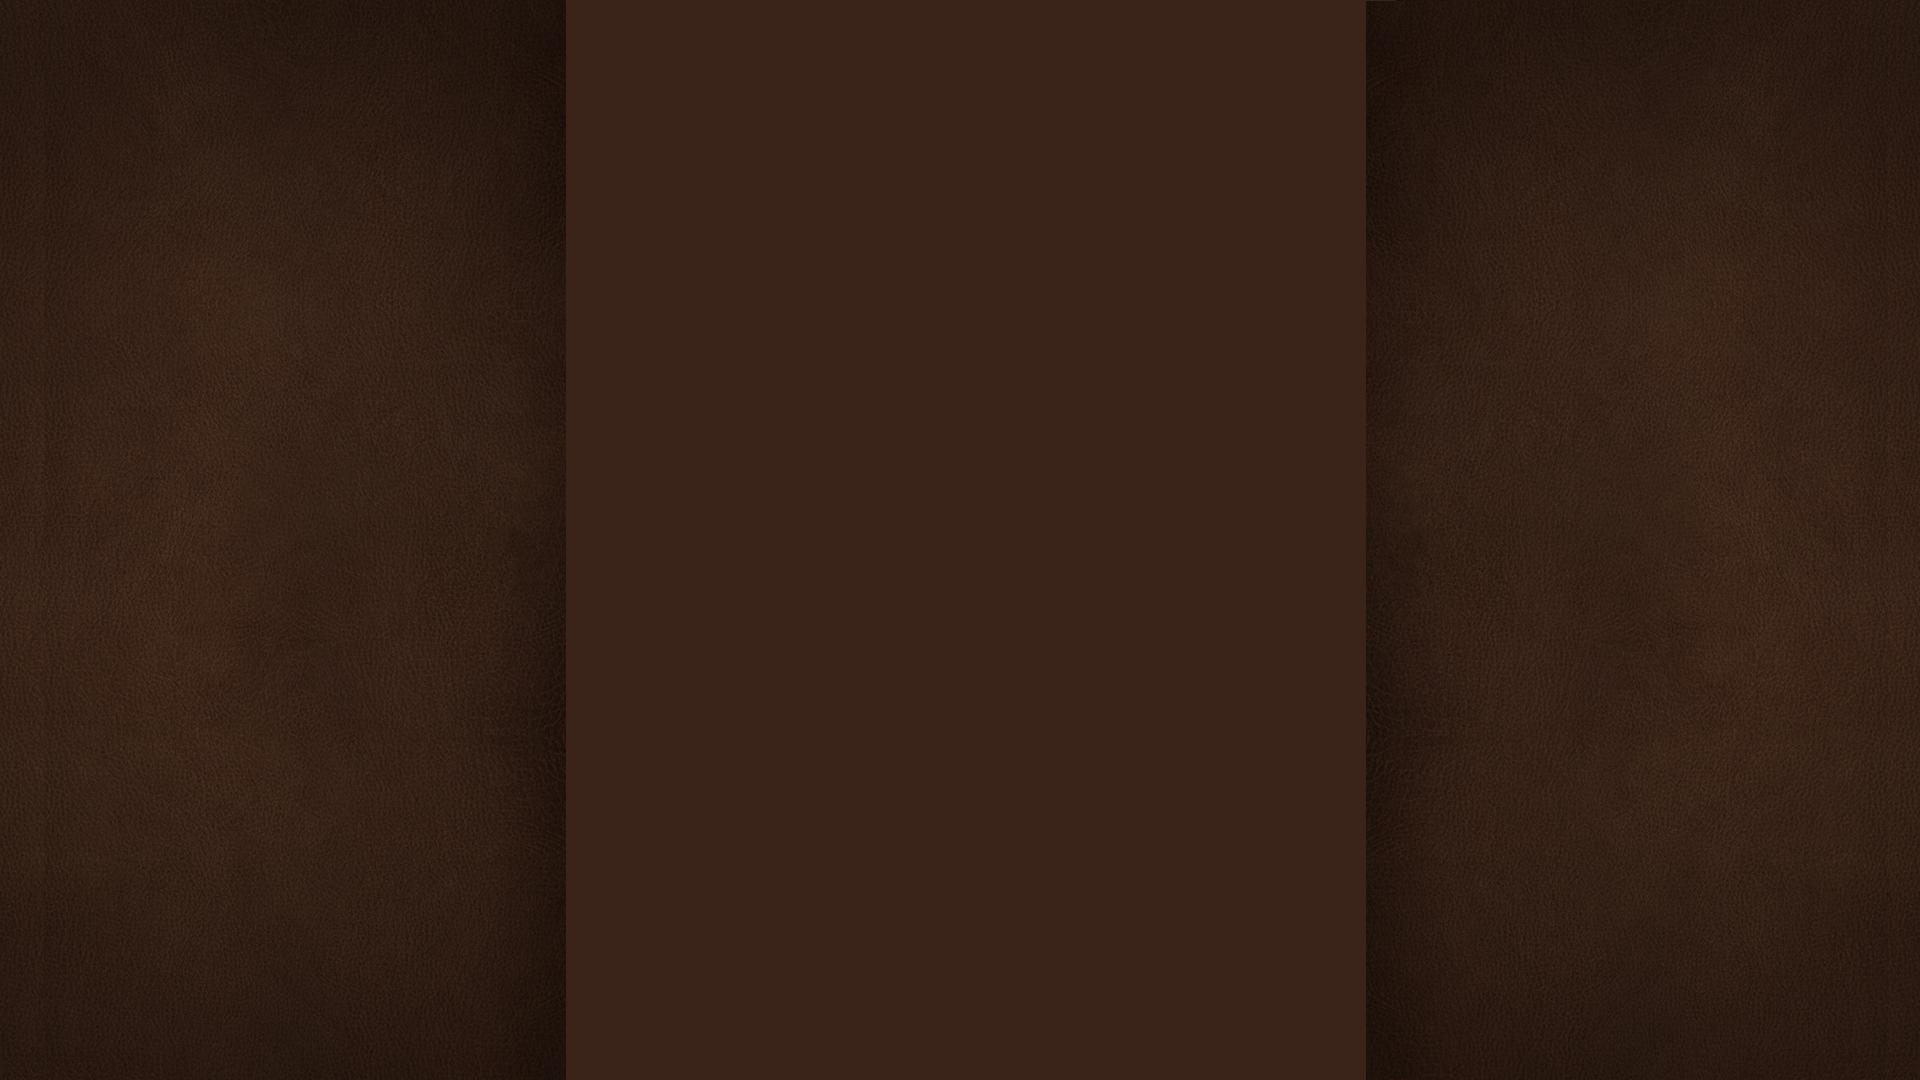 текстуры полосы коричневые без регистрации